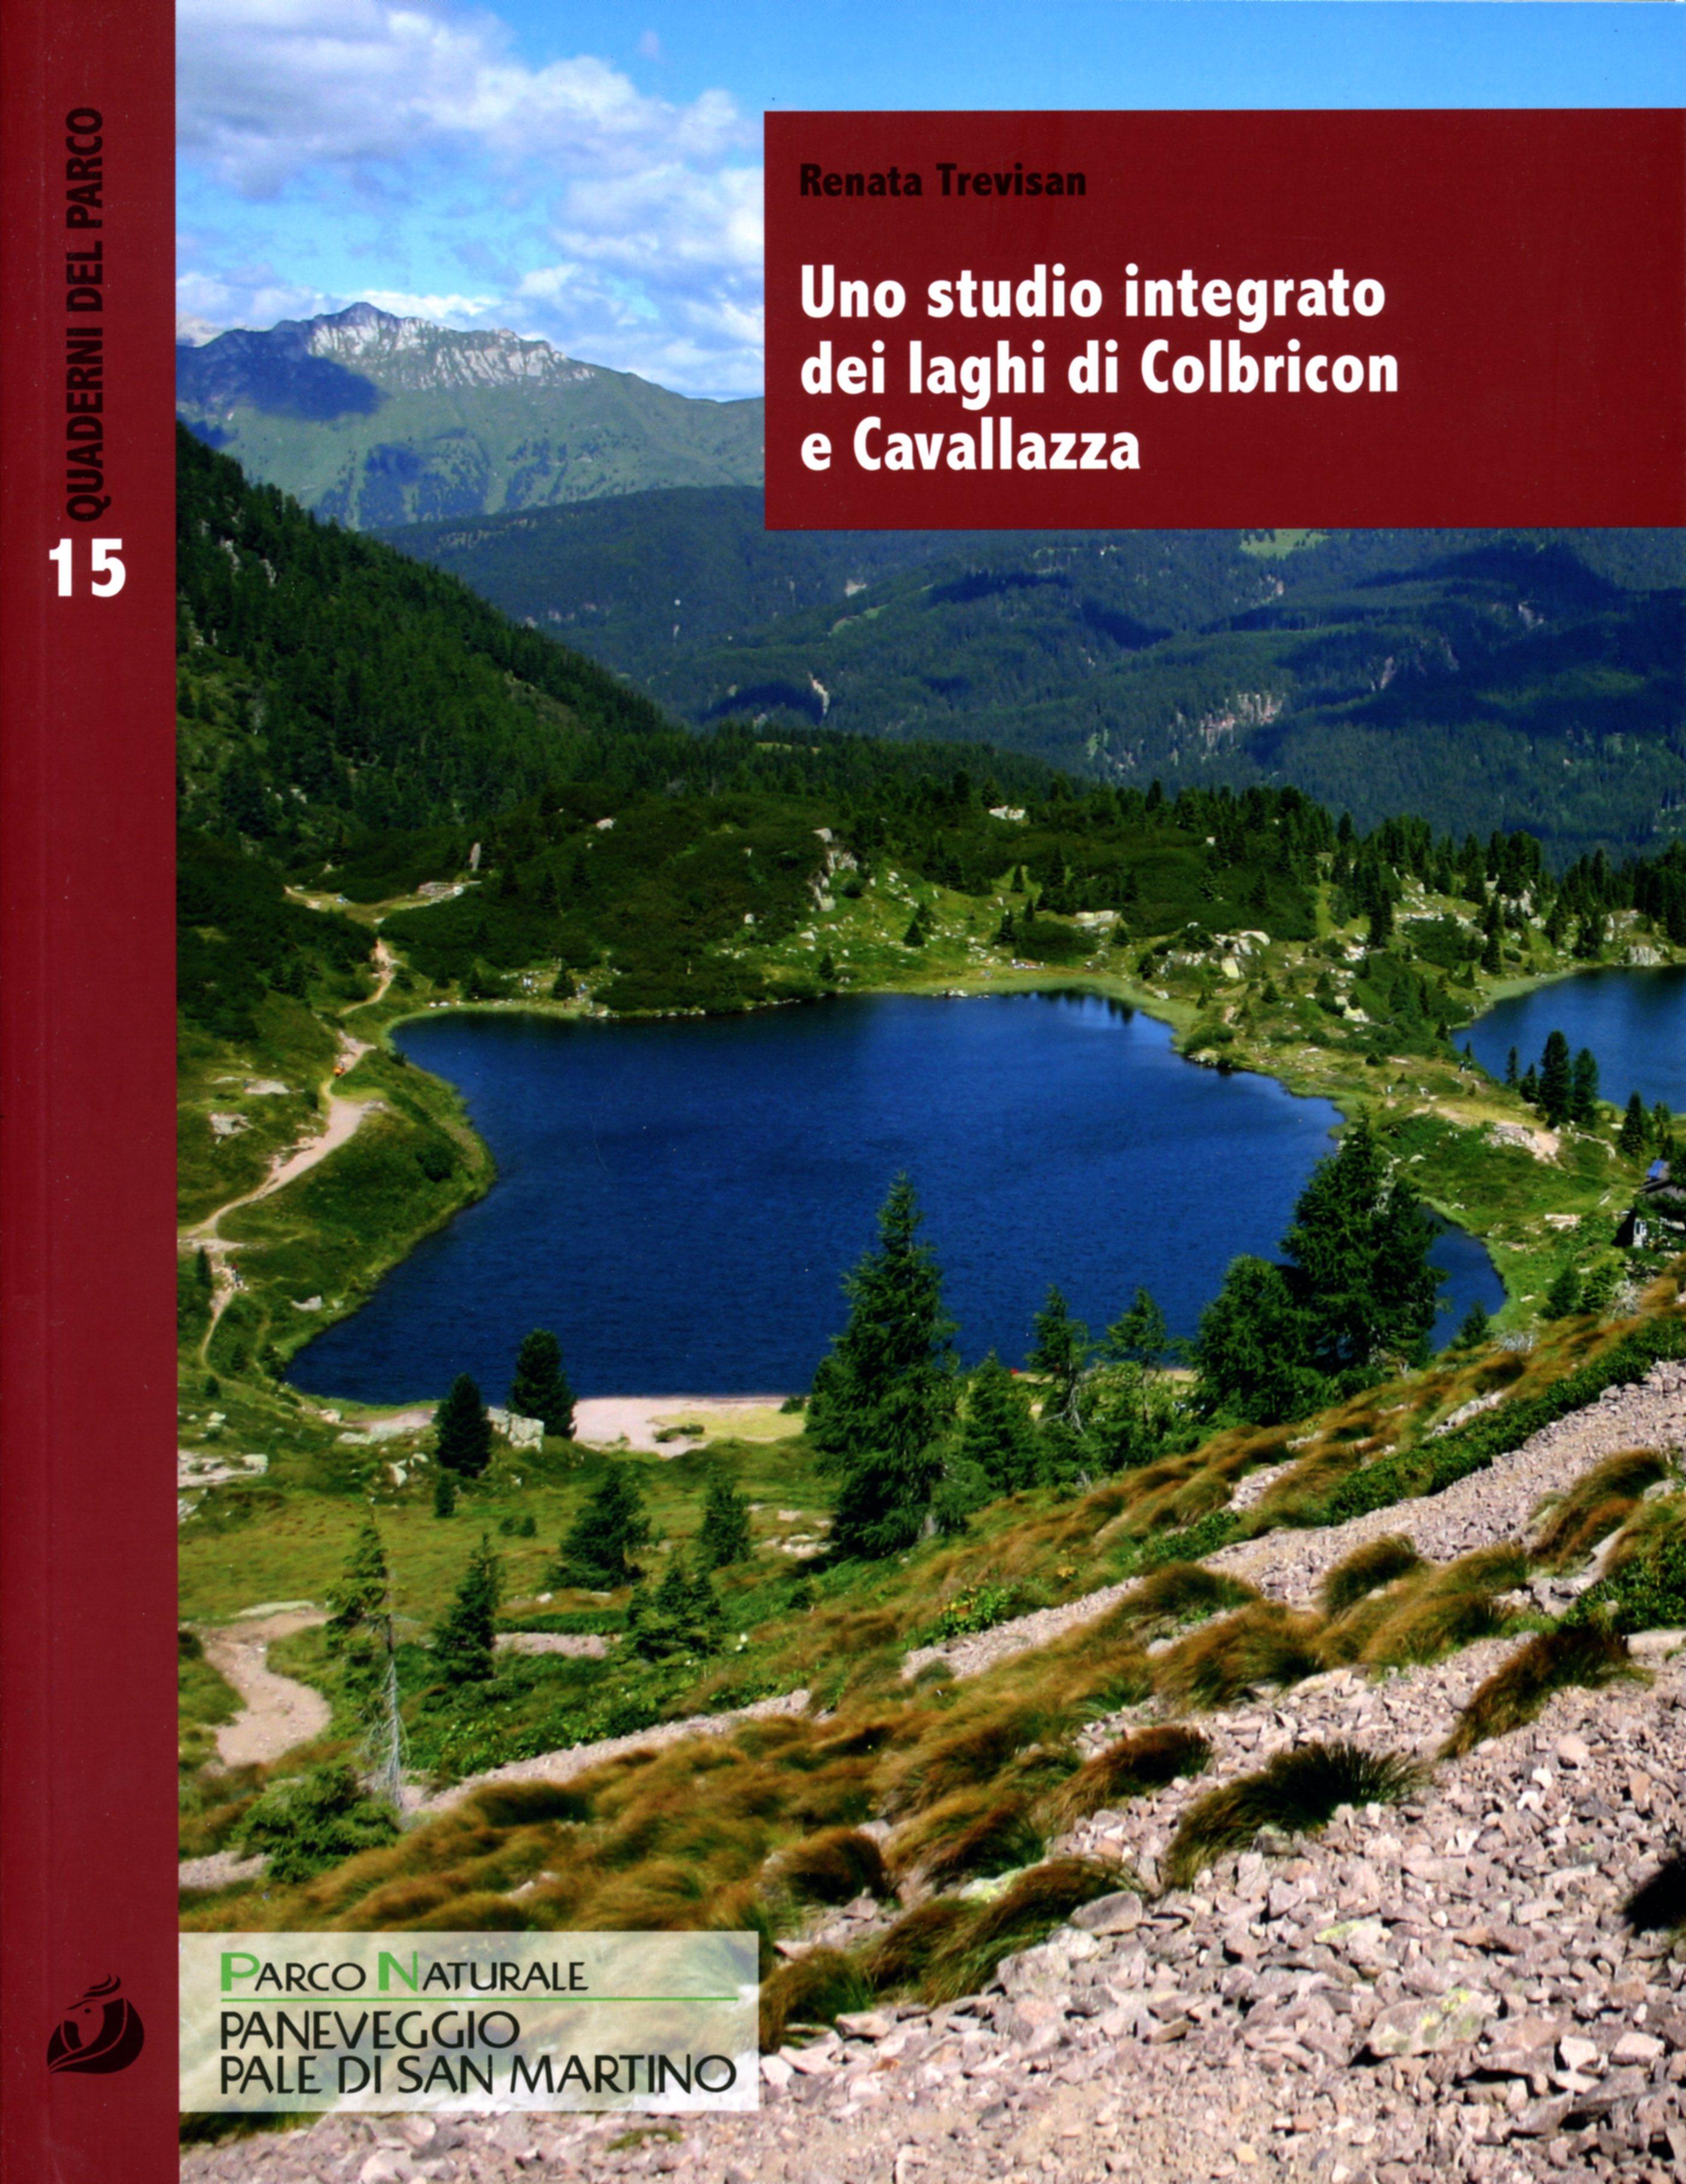 copertina quaderno Colbricòn024